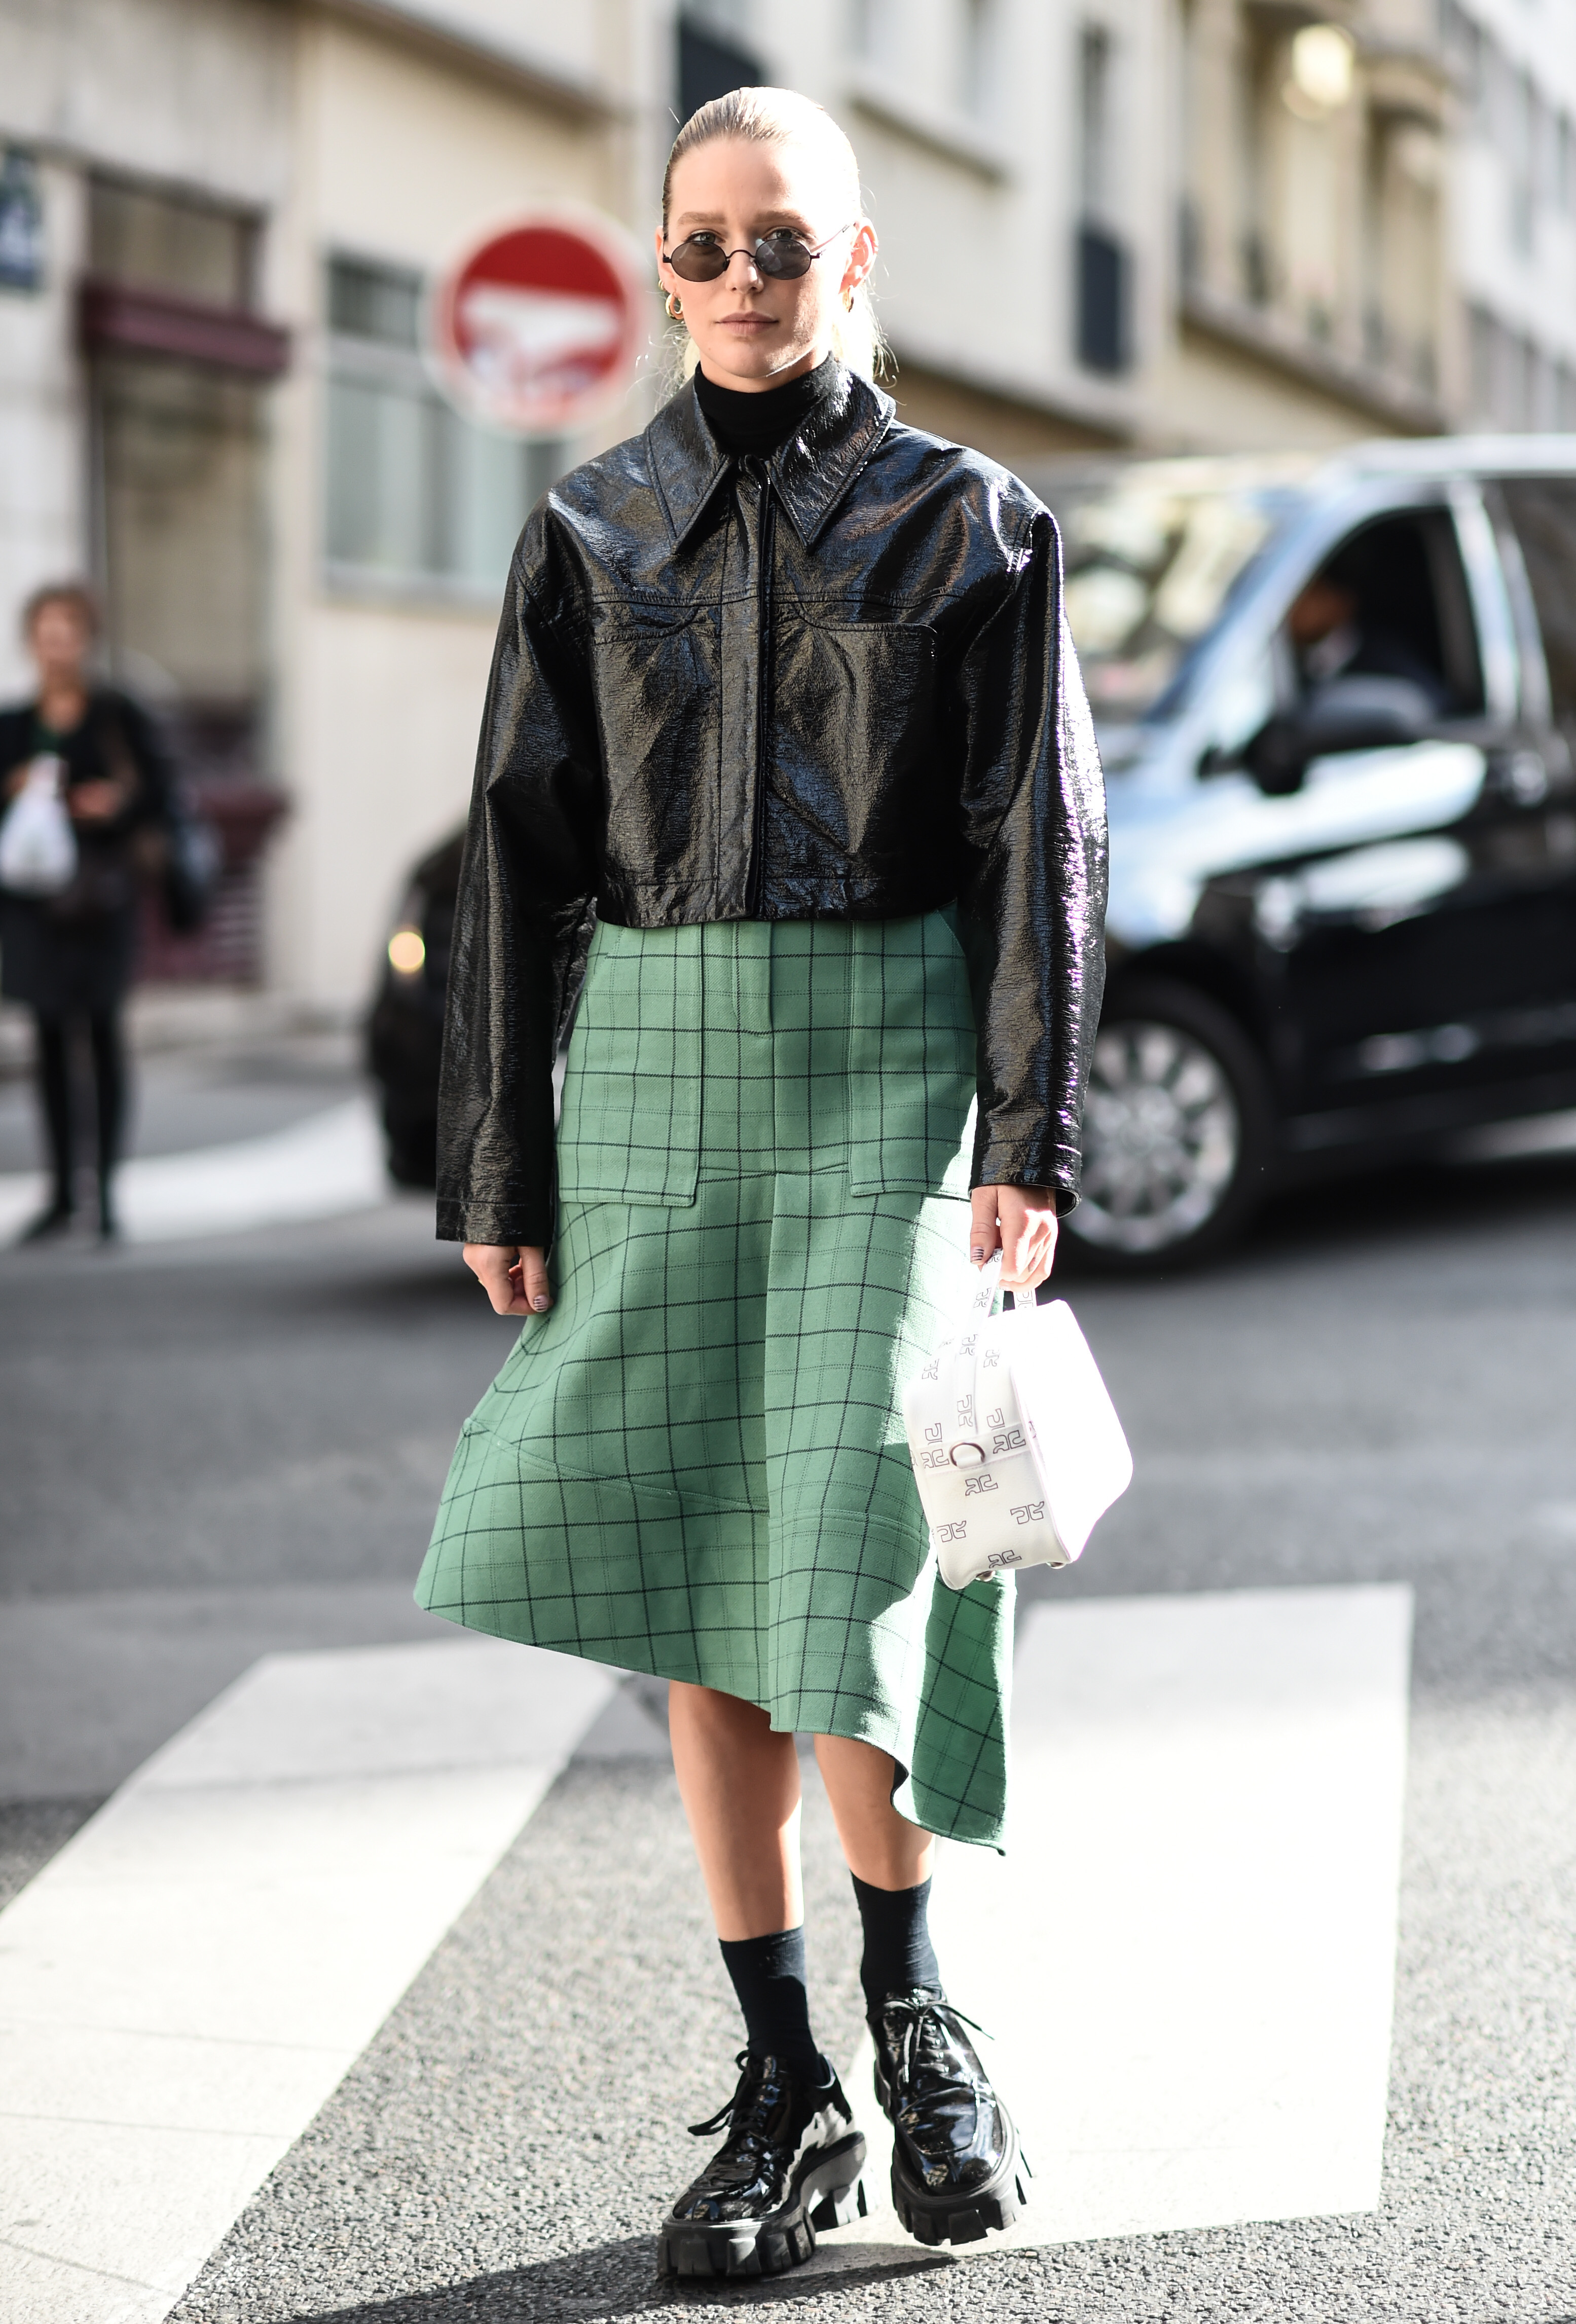 ブラックカラーベースのコーディネイトにミントグリーンのチェック柄スカートが映える。シンプルスタイルだからこそ、柄やアシンメトリーのシルエットが際立ち、洗練さを高めてくれる。